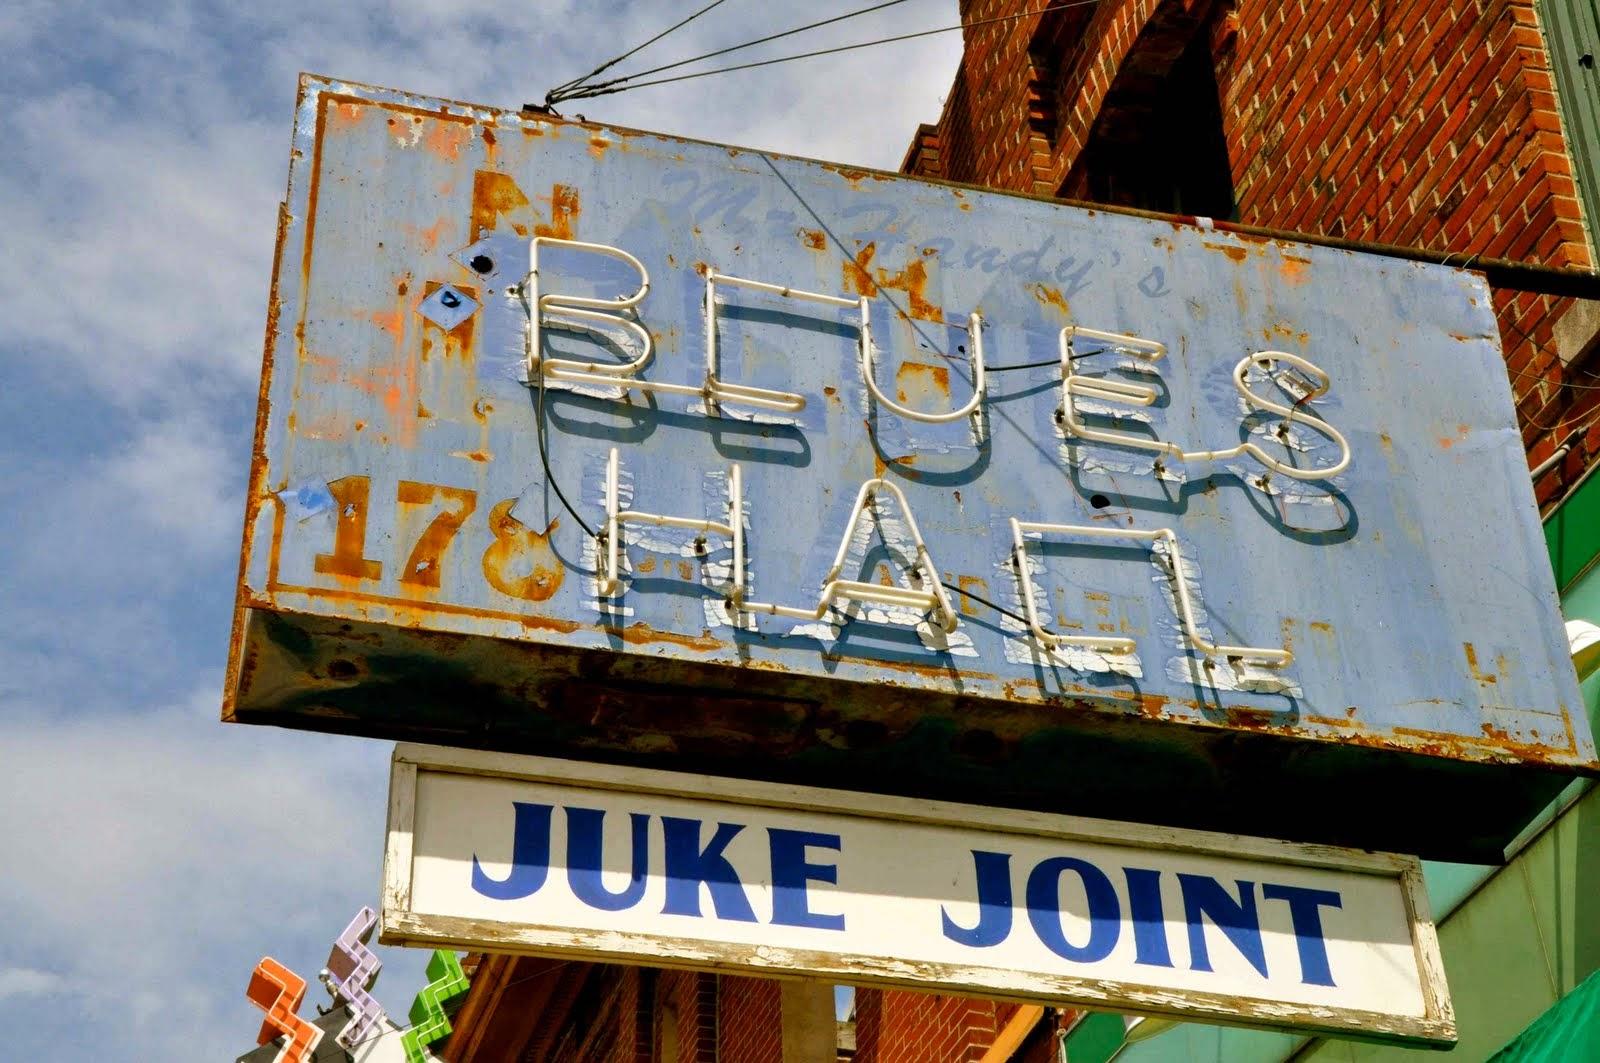 Delta Juke Joint